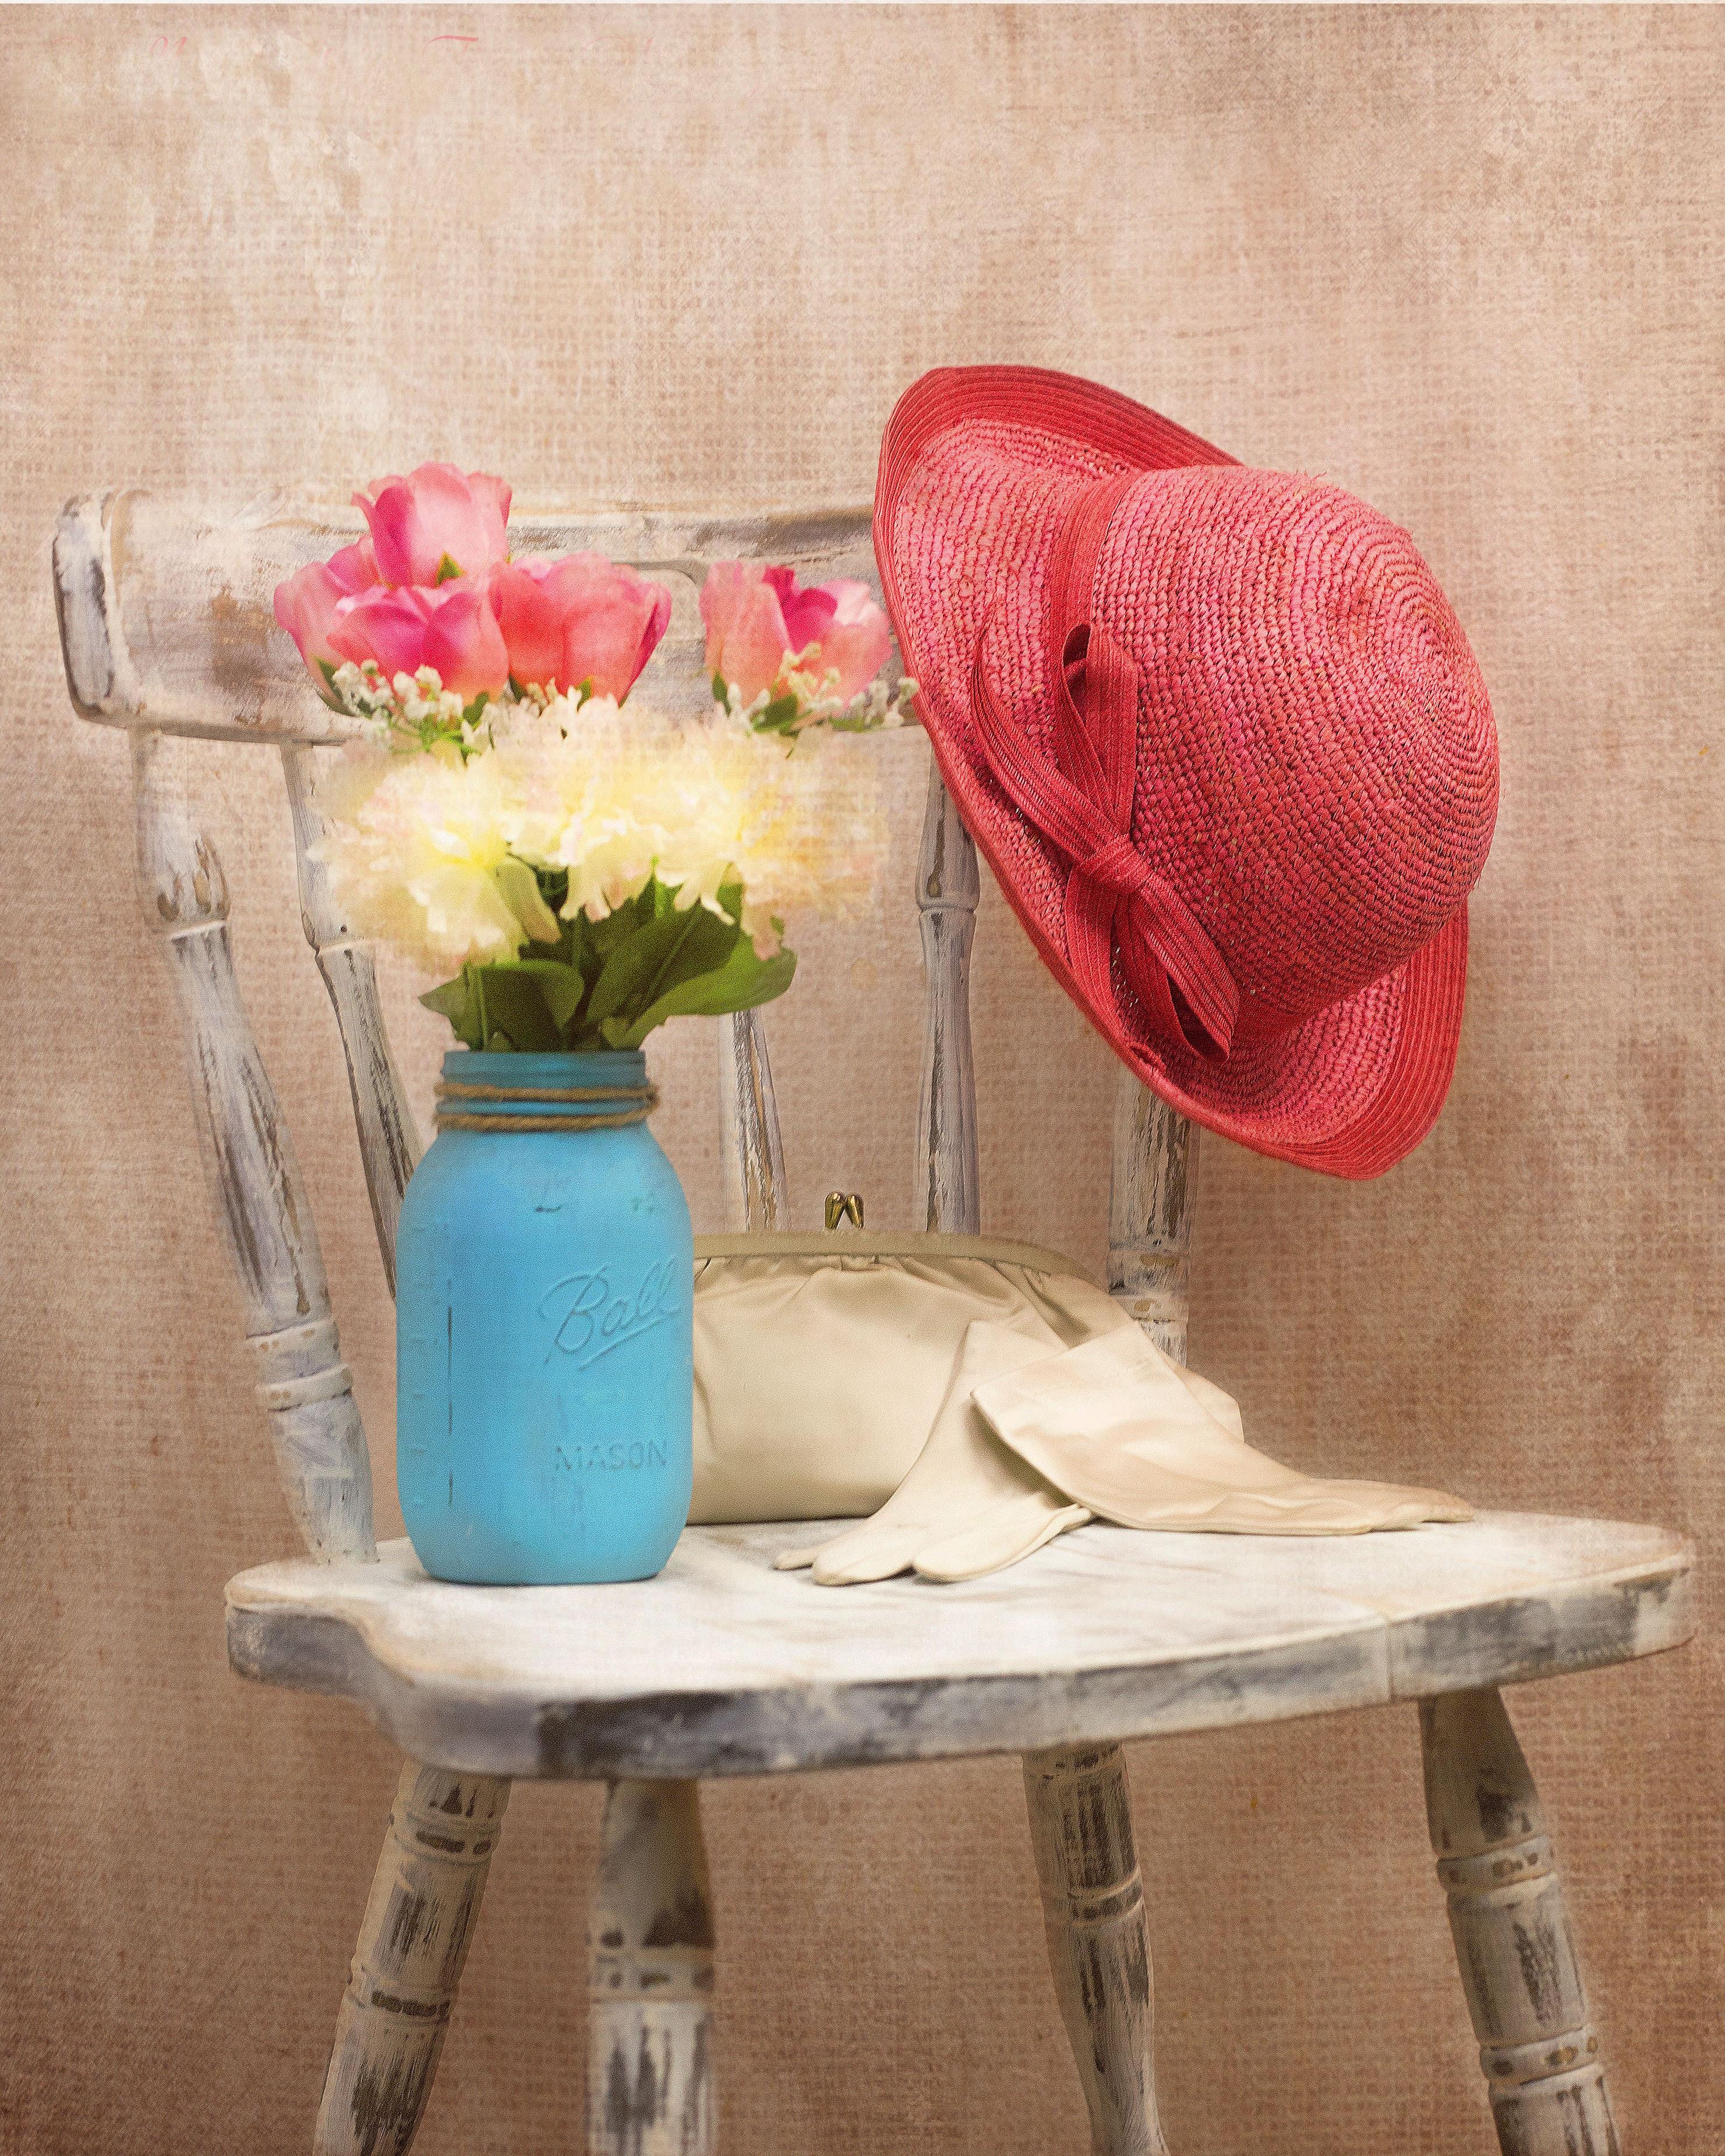 ba52eda5a4b58 mesa vendimia flor silla color sombrero mueble habitación rosado pintura  Flores diseño de interiores textil estilo